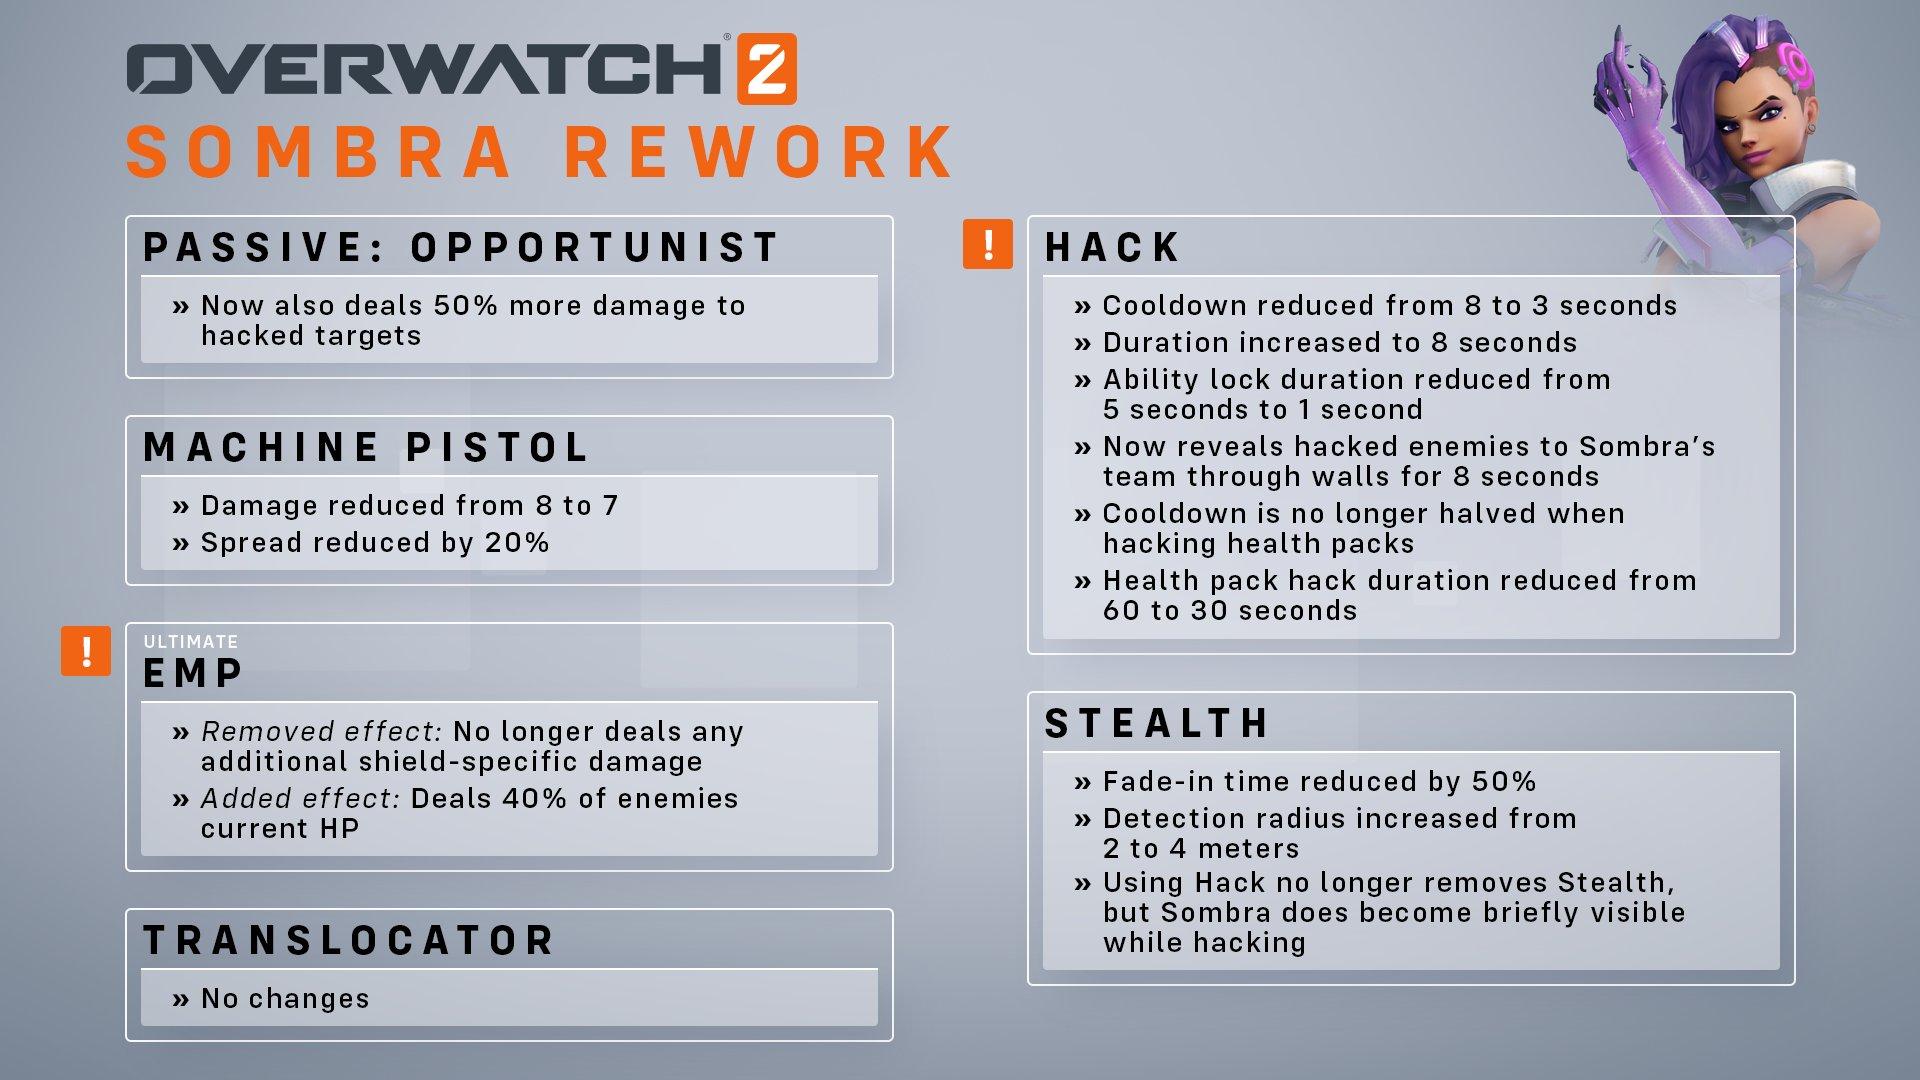 Le rework de Sombra pour Overwatch 2